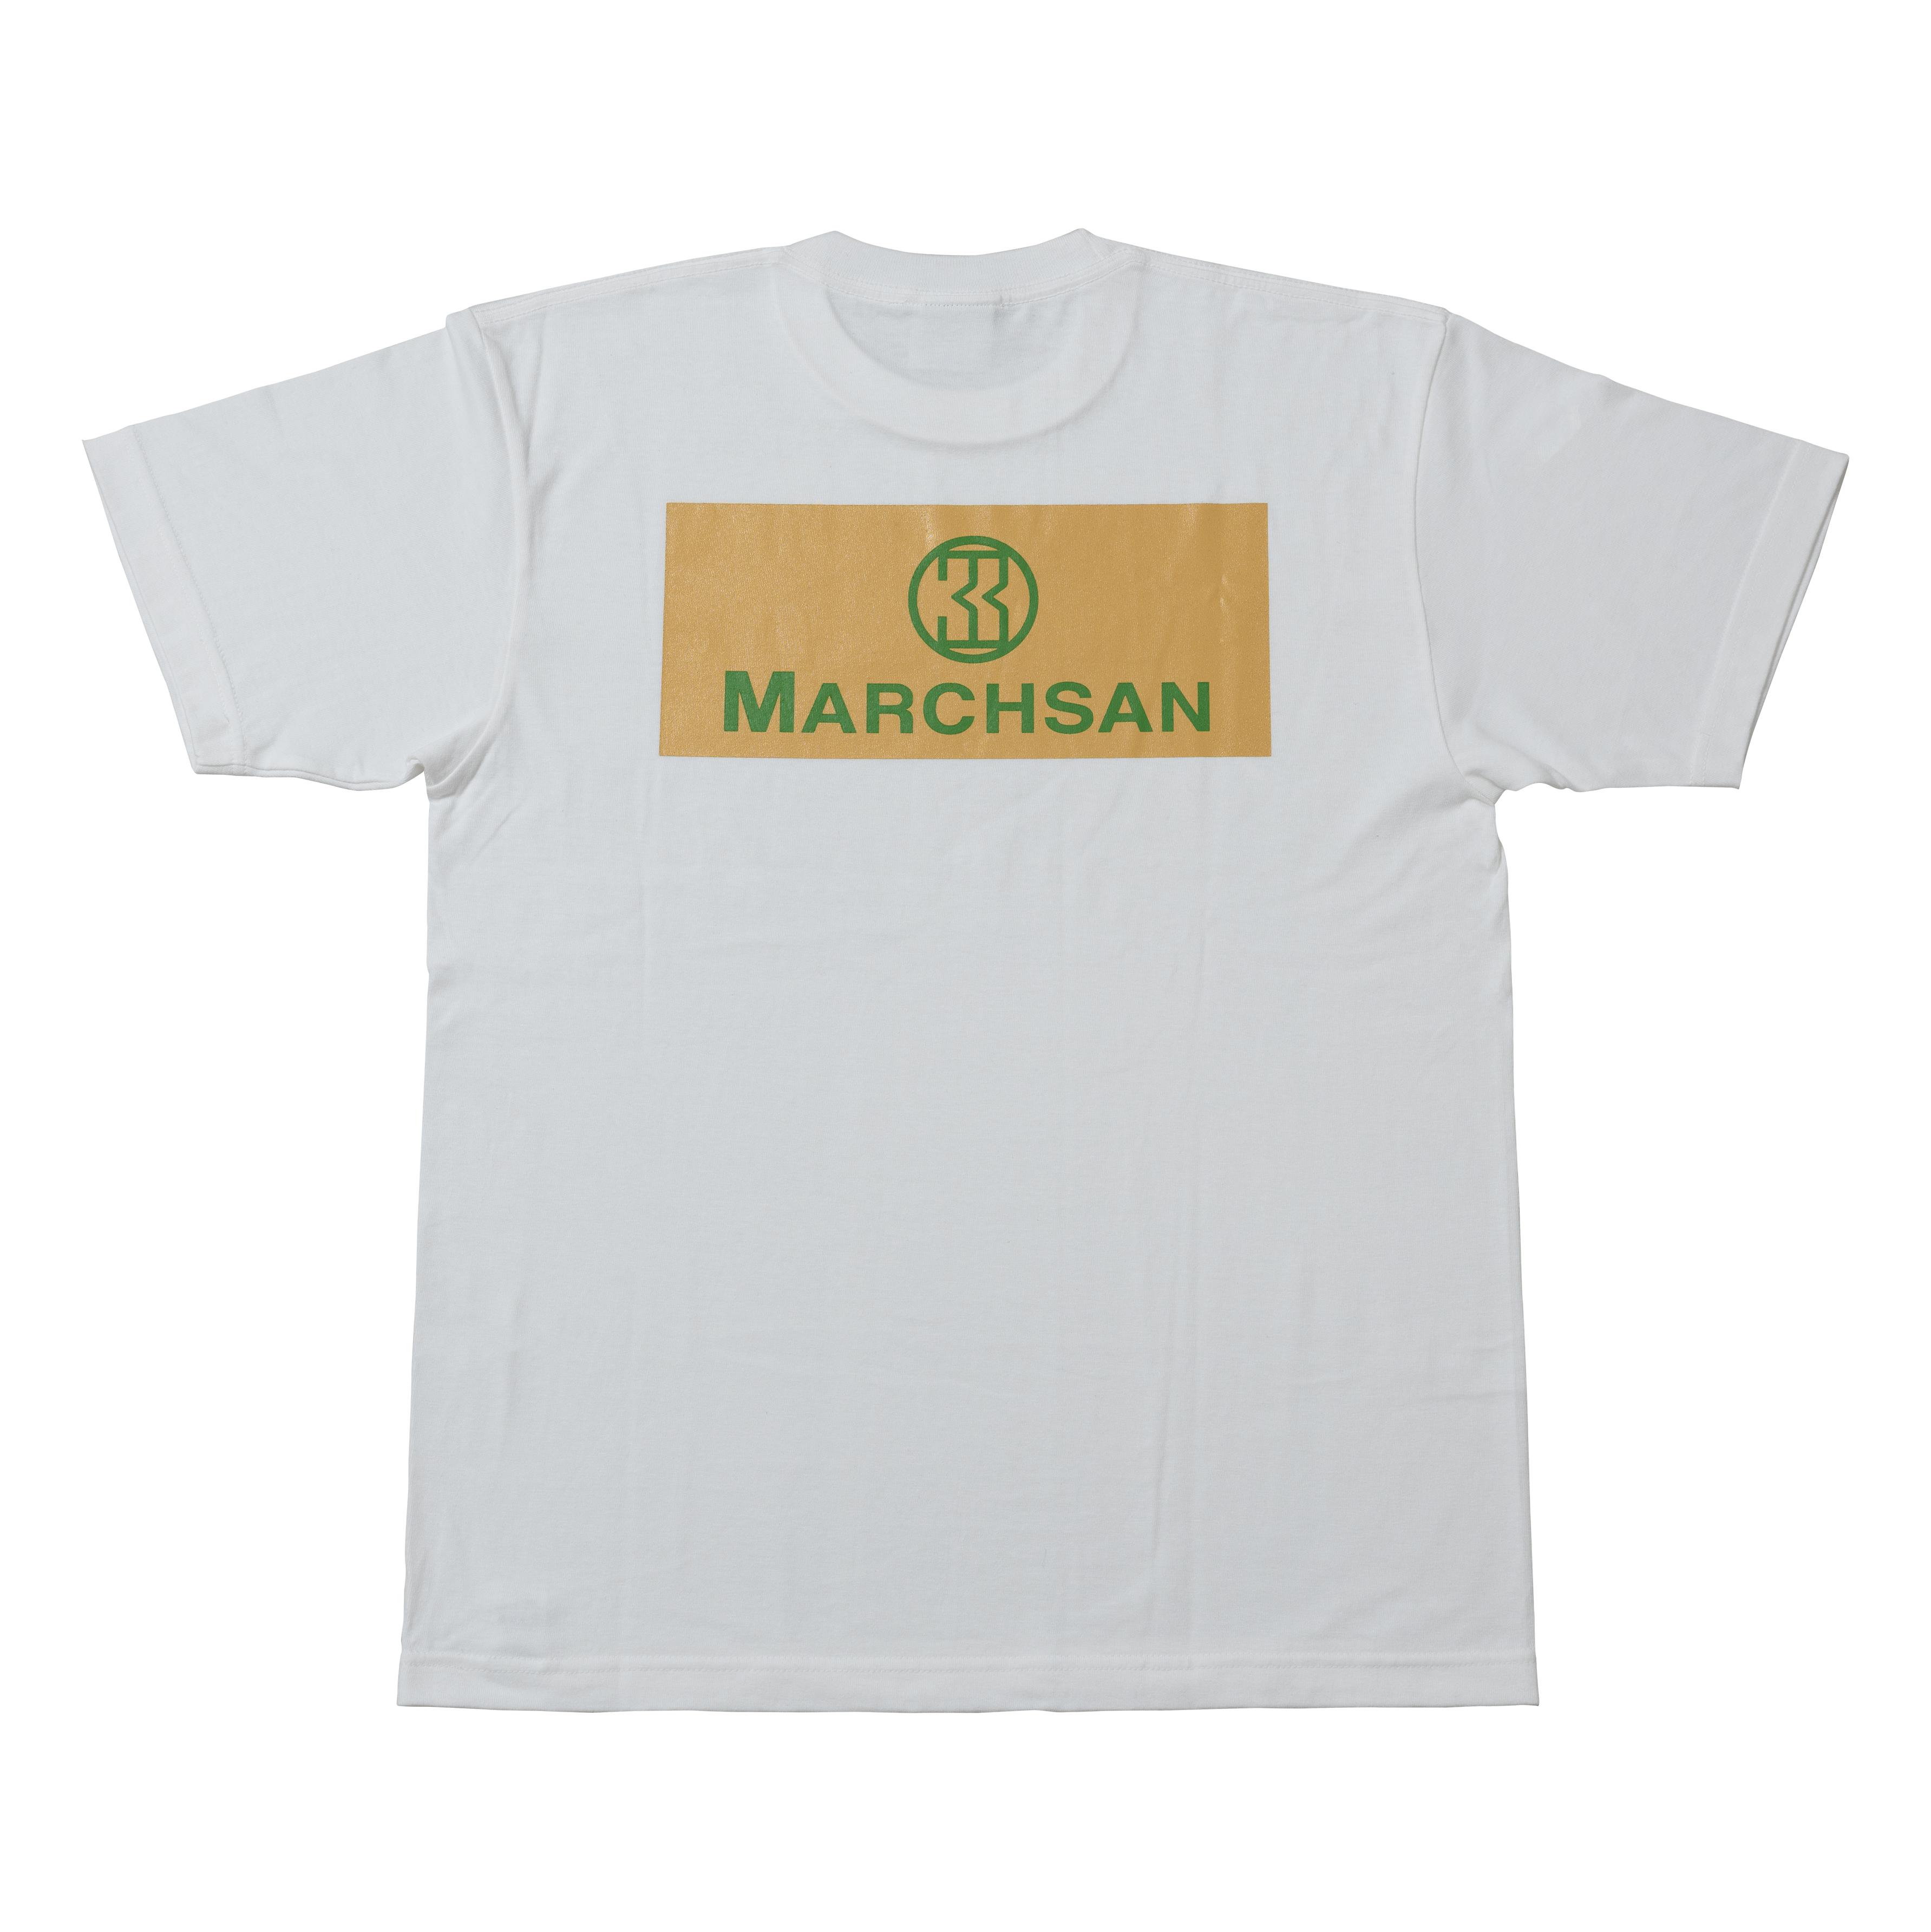 CORKWOOD T-shirt